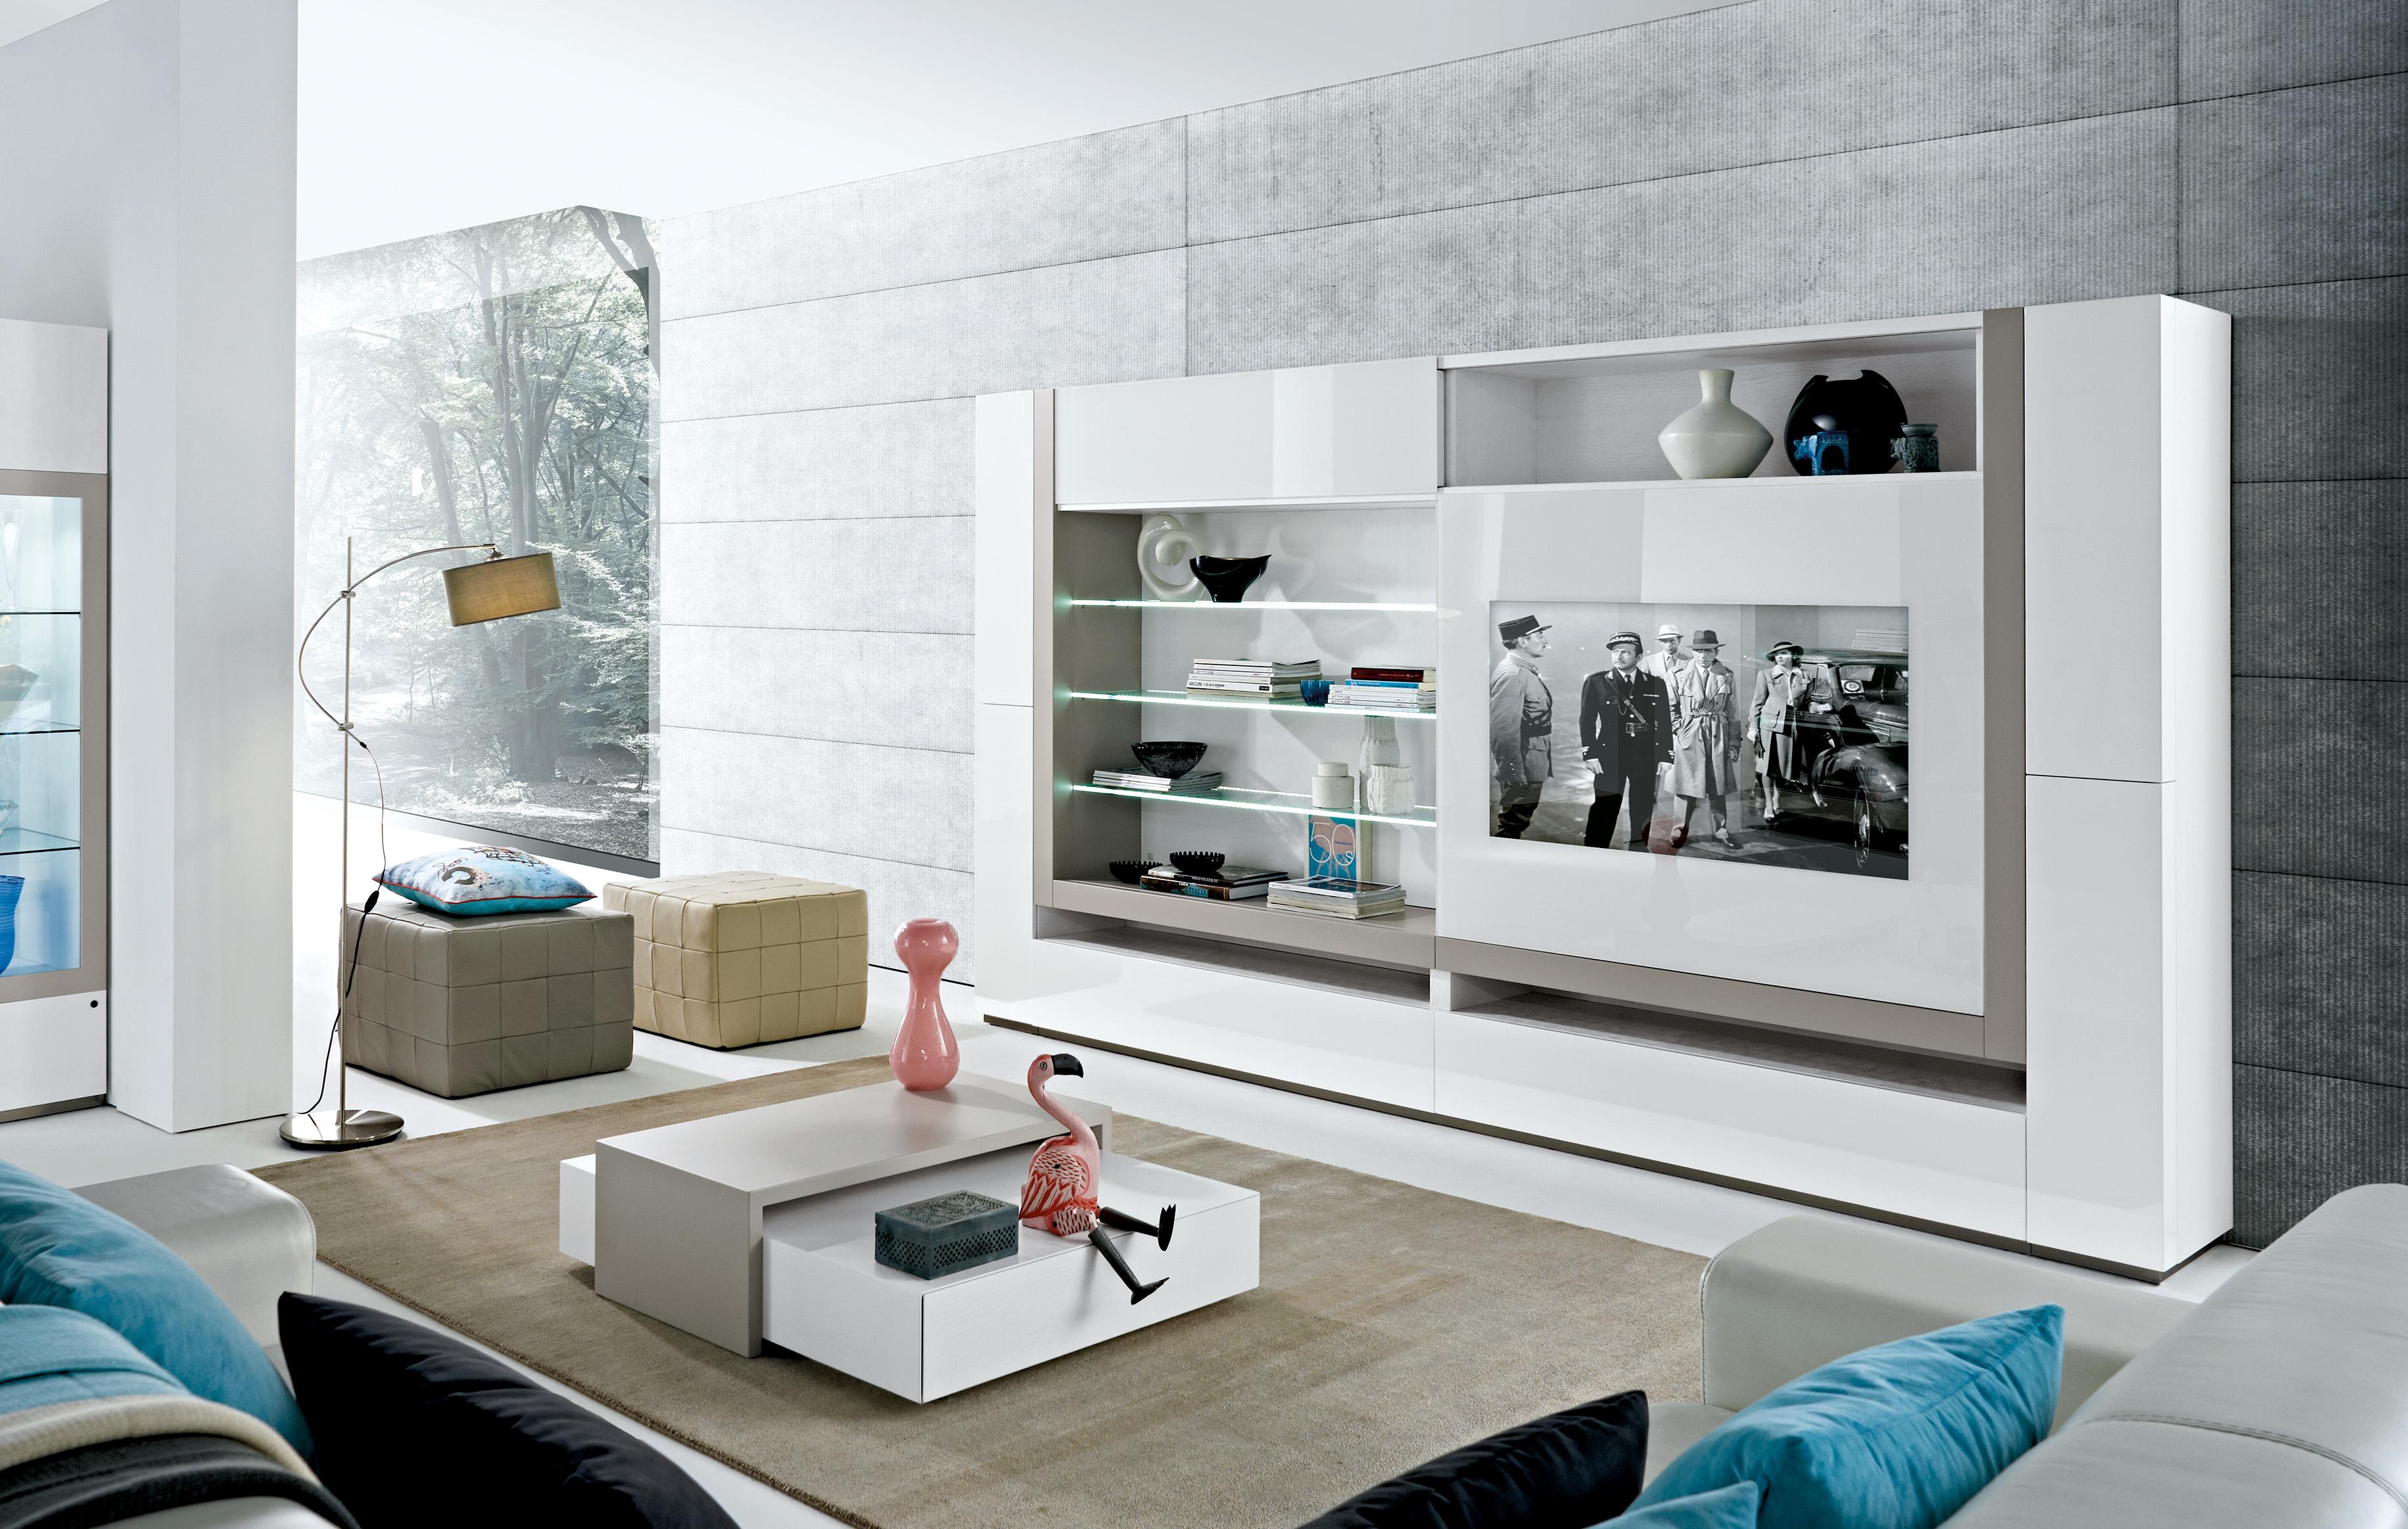 Divani Center в дни праздника Суккот предлагает всю мебель по ценам производителя